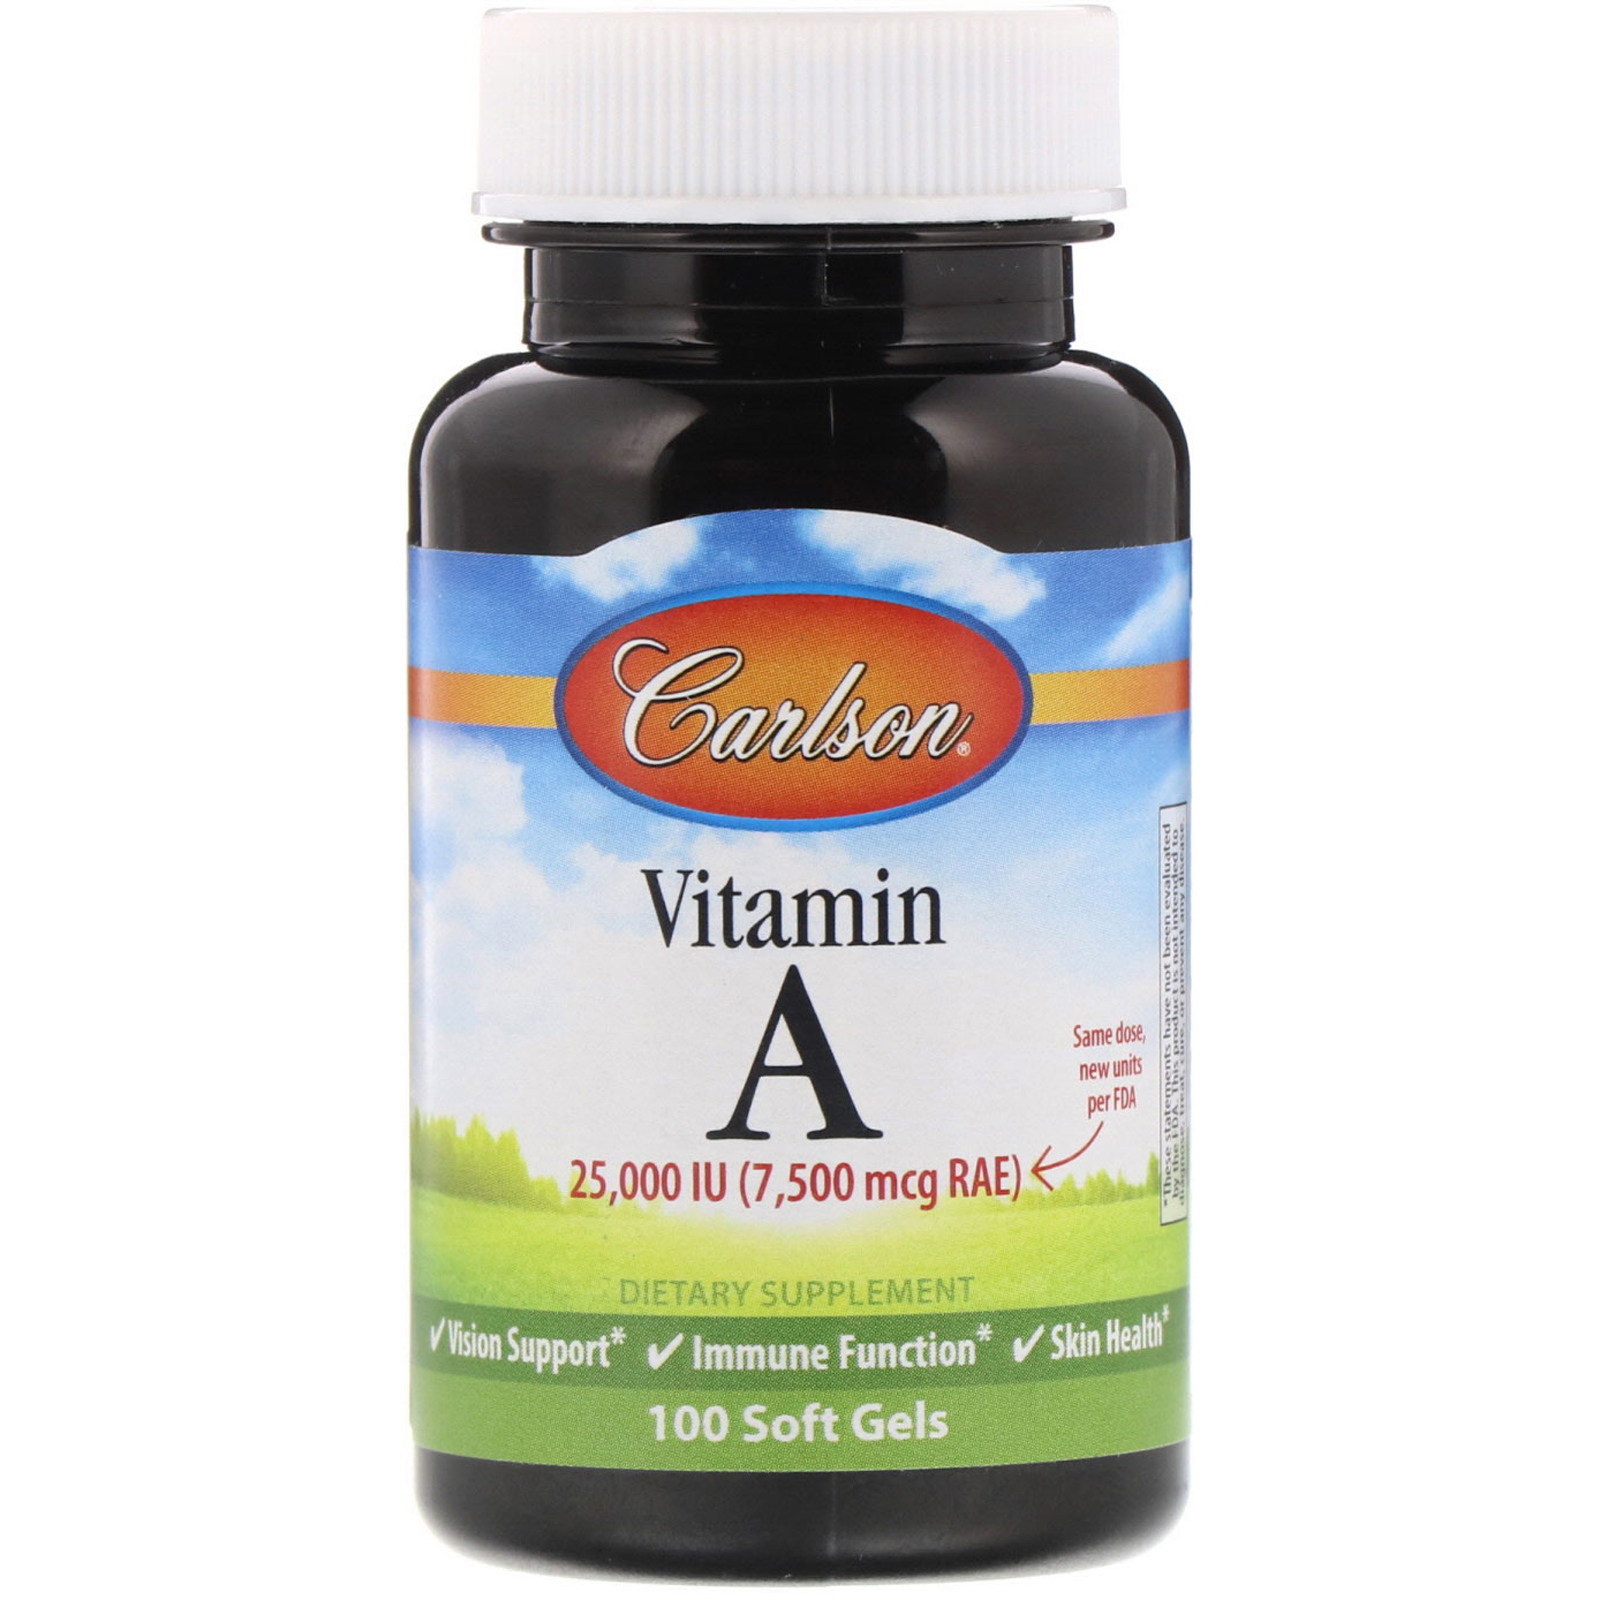 аналогичной каталог витаминов фото была